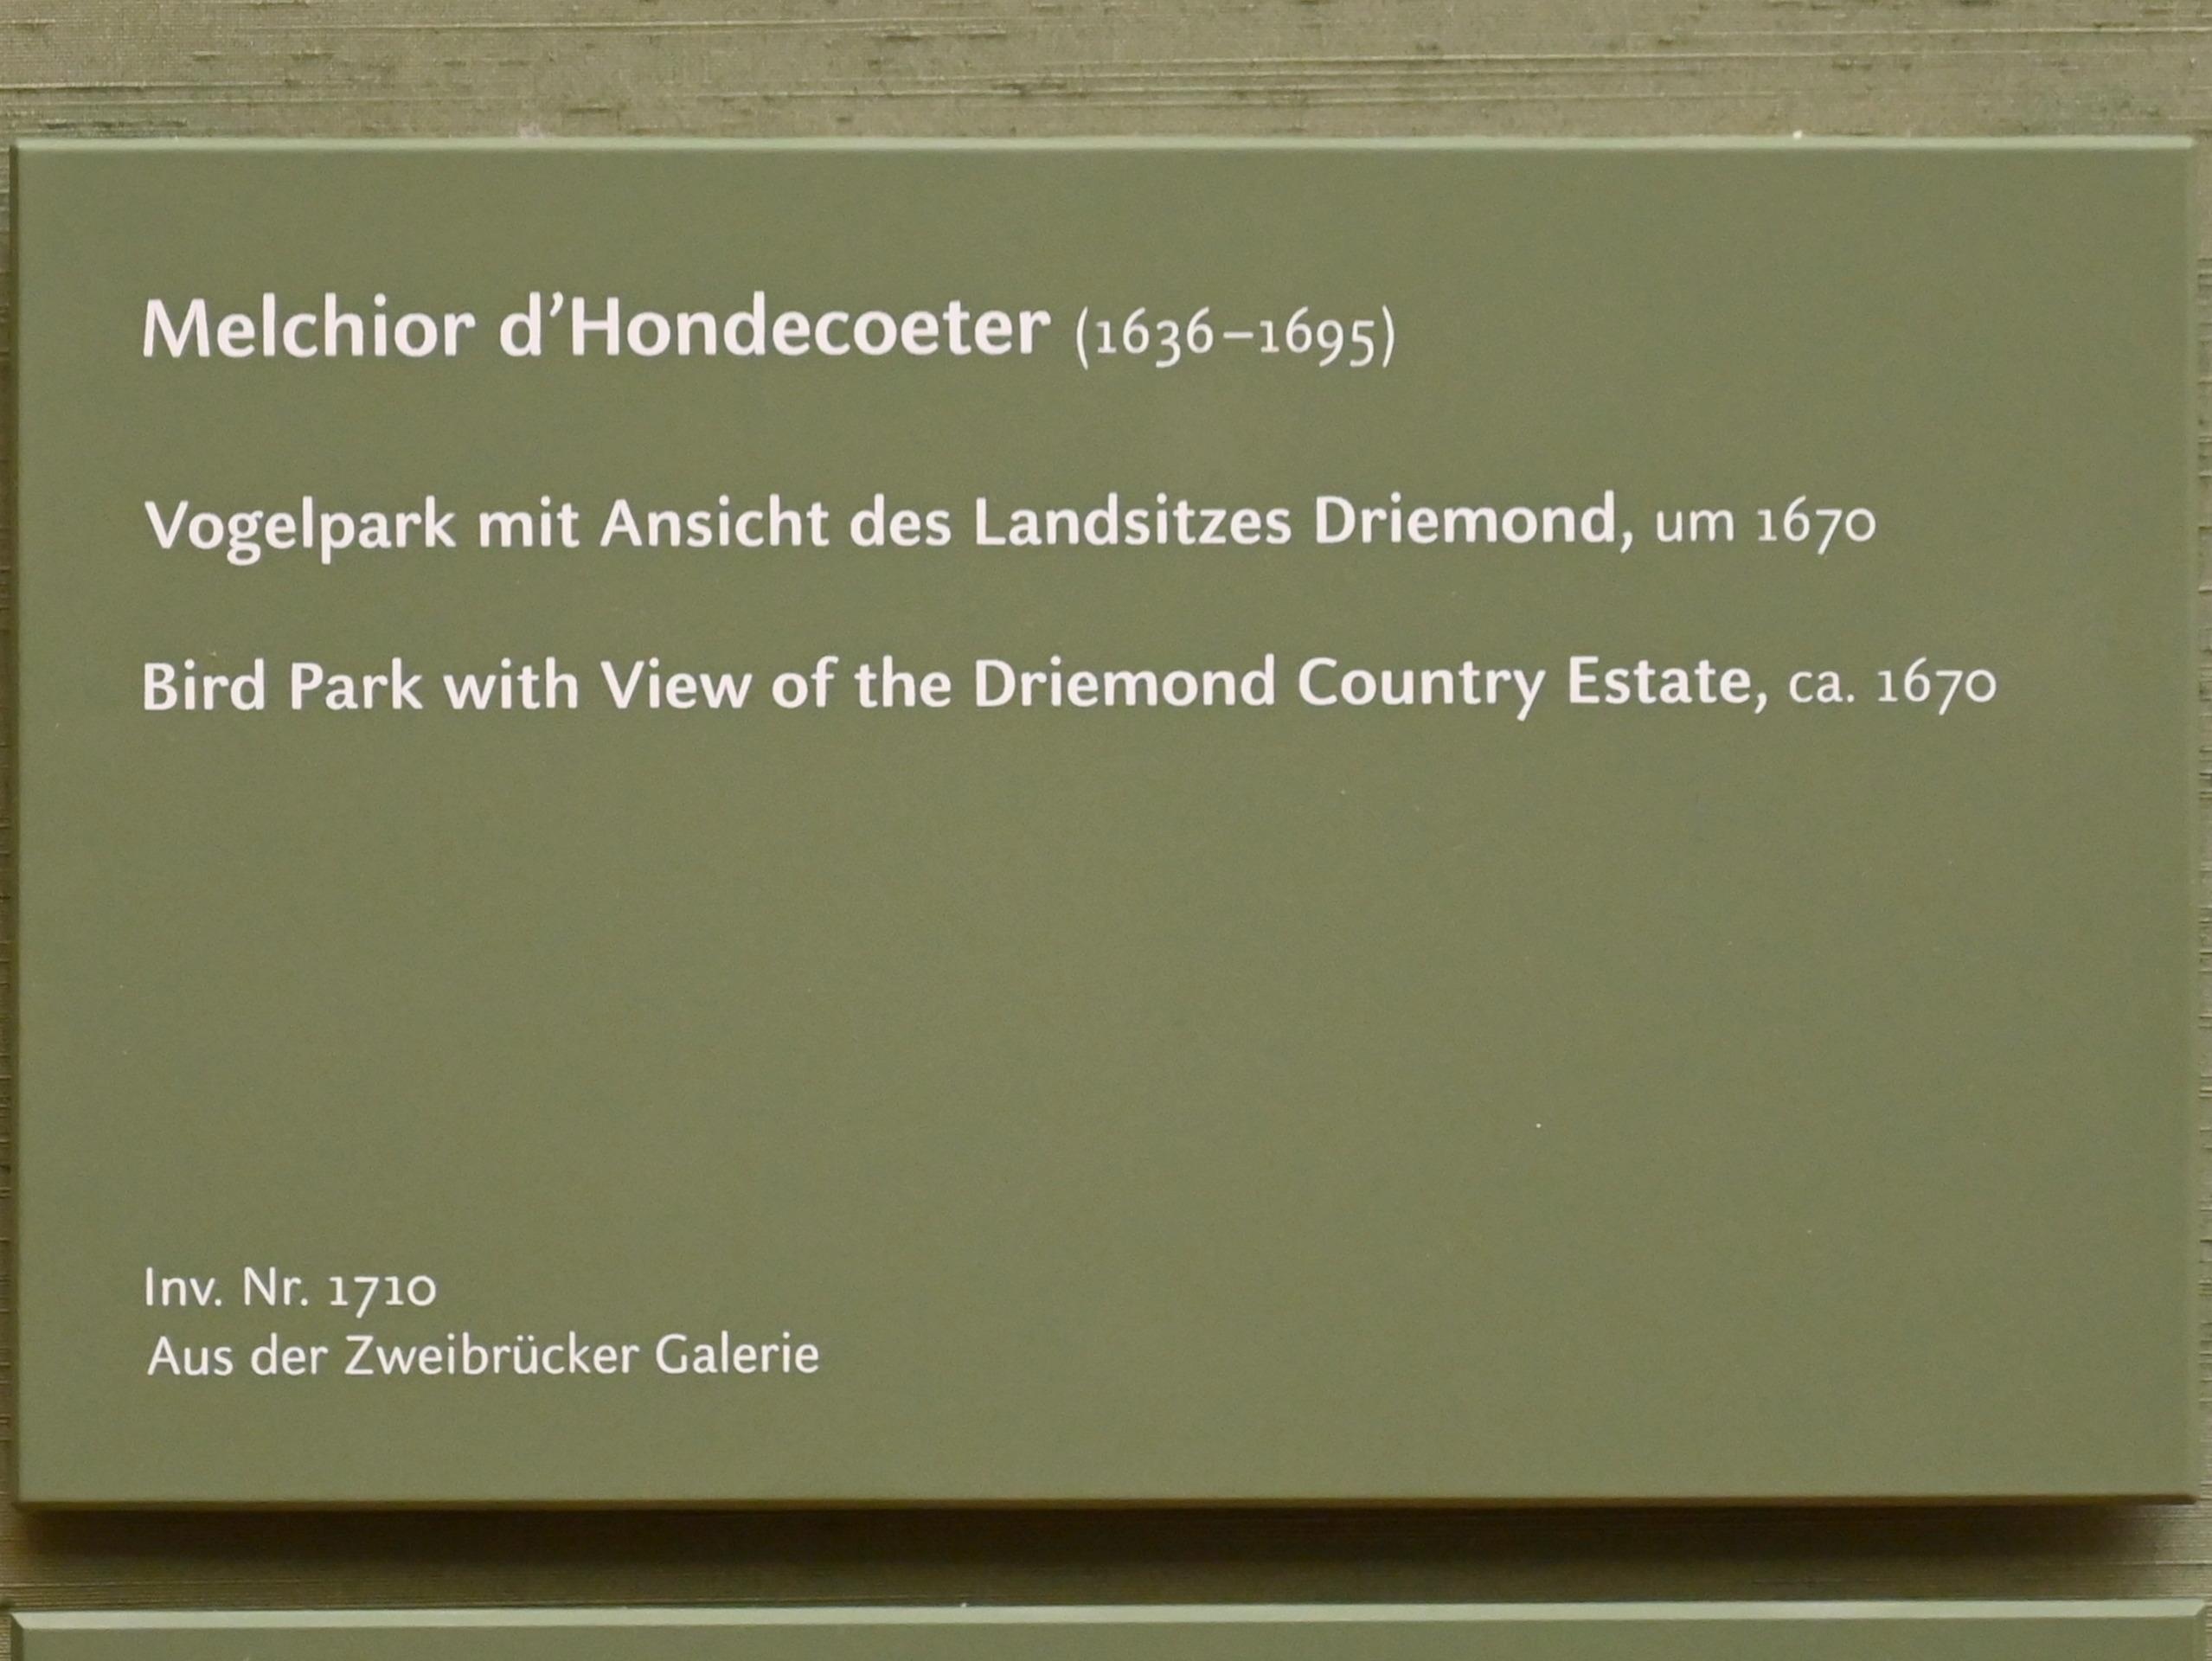 Melchior de Hondecoeter: Vogelpark mit Ansicht des Landsitzes Driemond, um 1670, Bild 2/2